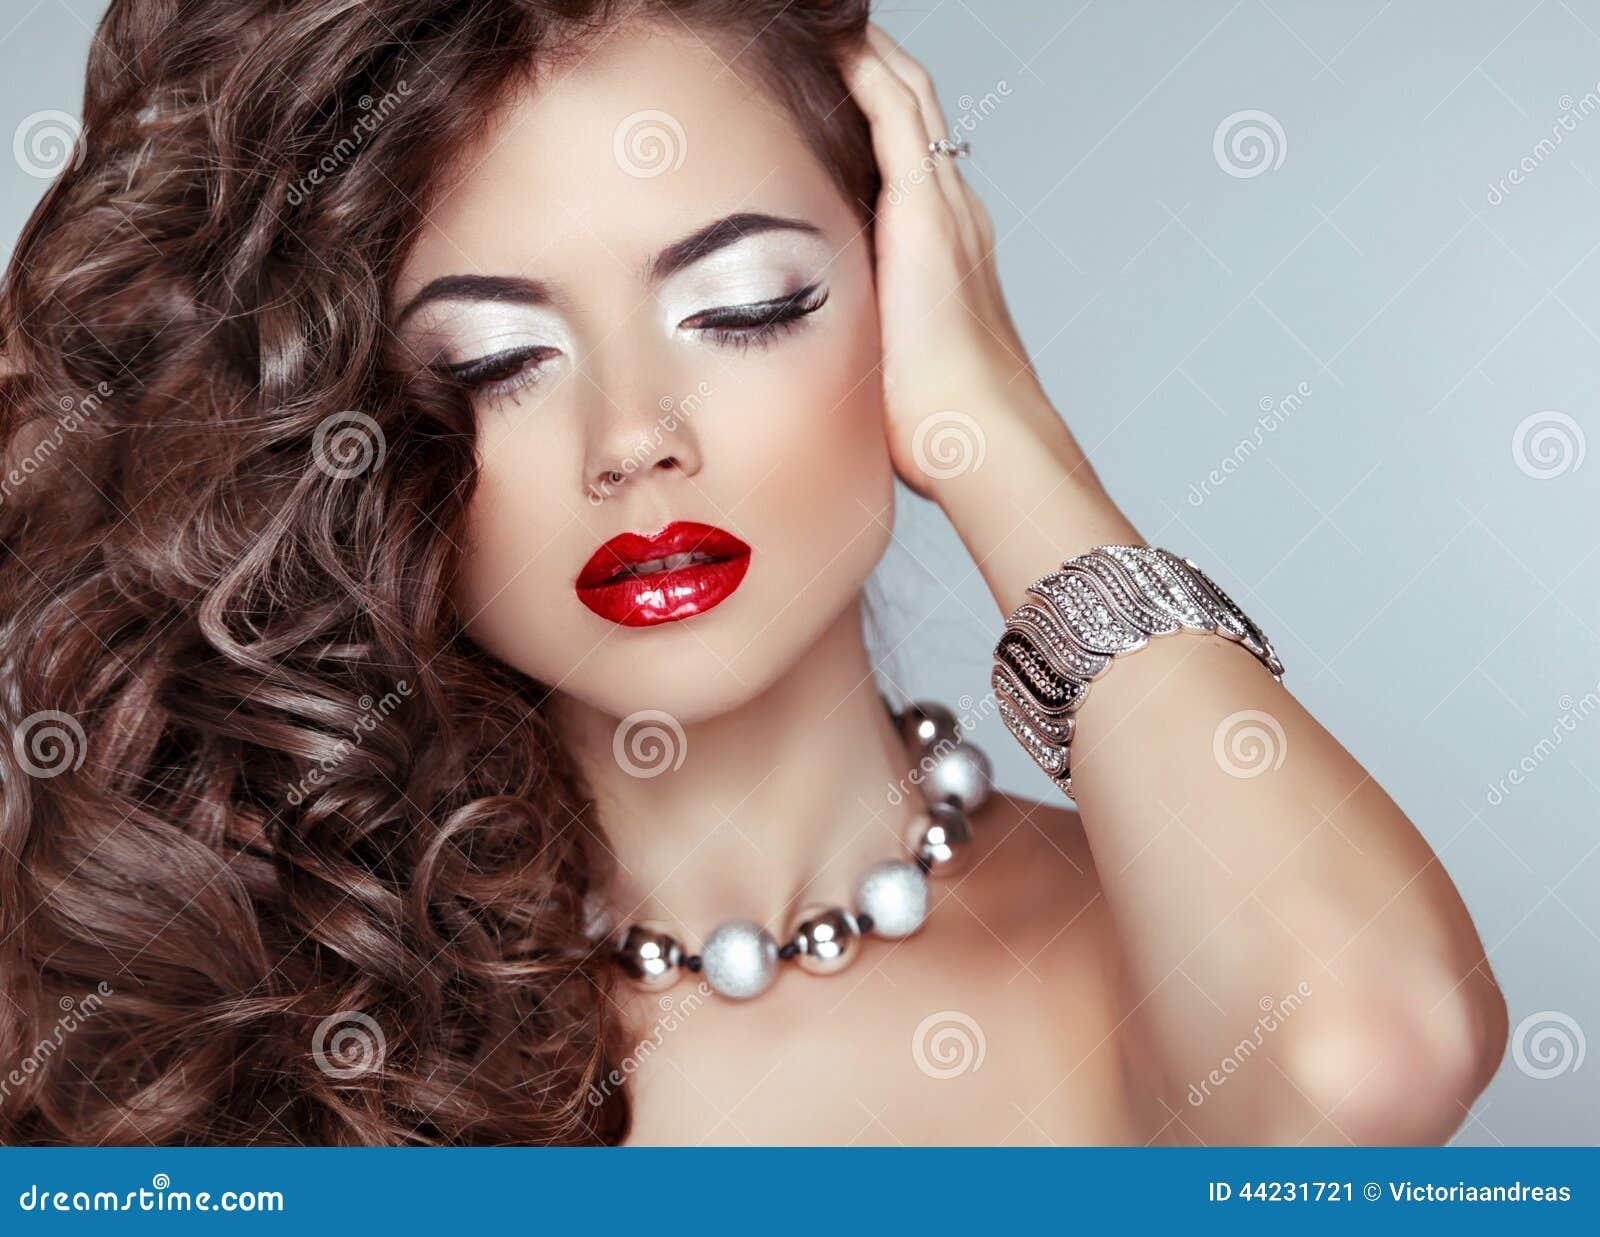 Beauty Fashion Girl Long Wavy Hair Red Lips Eye Makeup